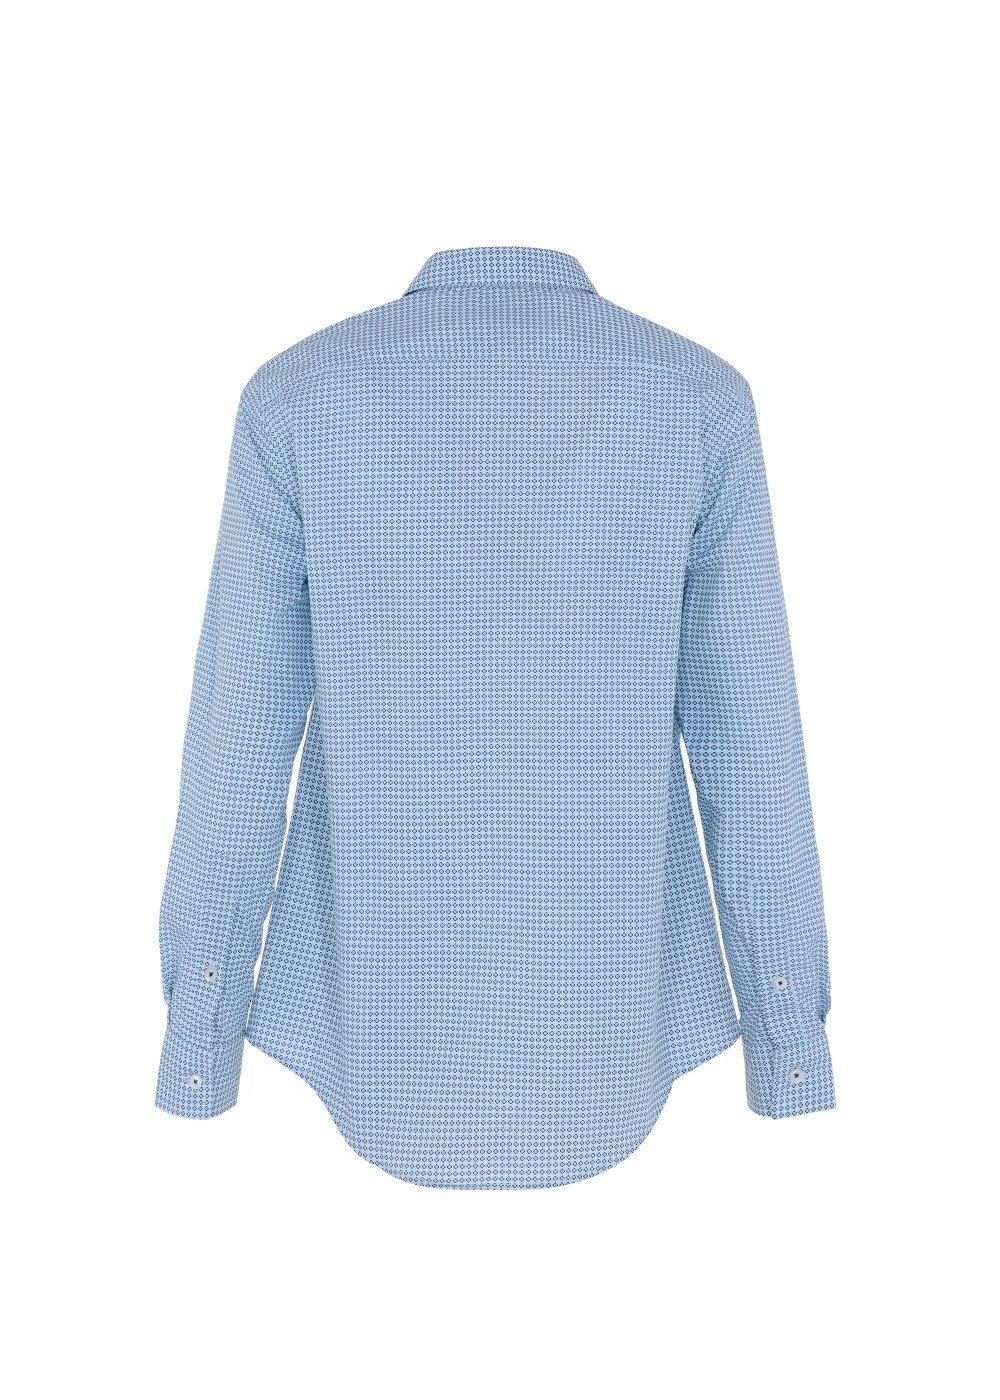 Koszula damska KOSDT-0069-51(W20)